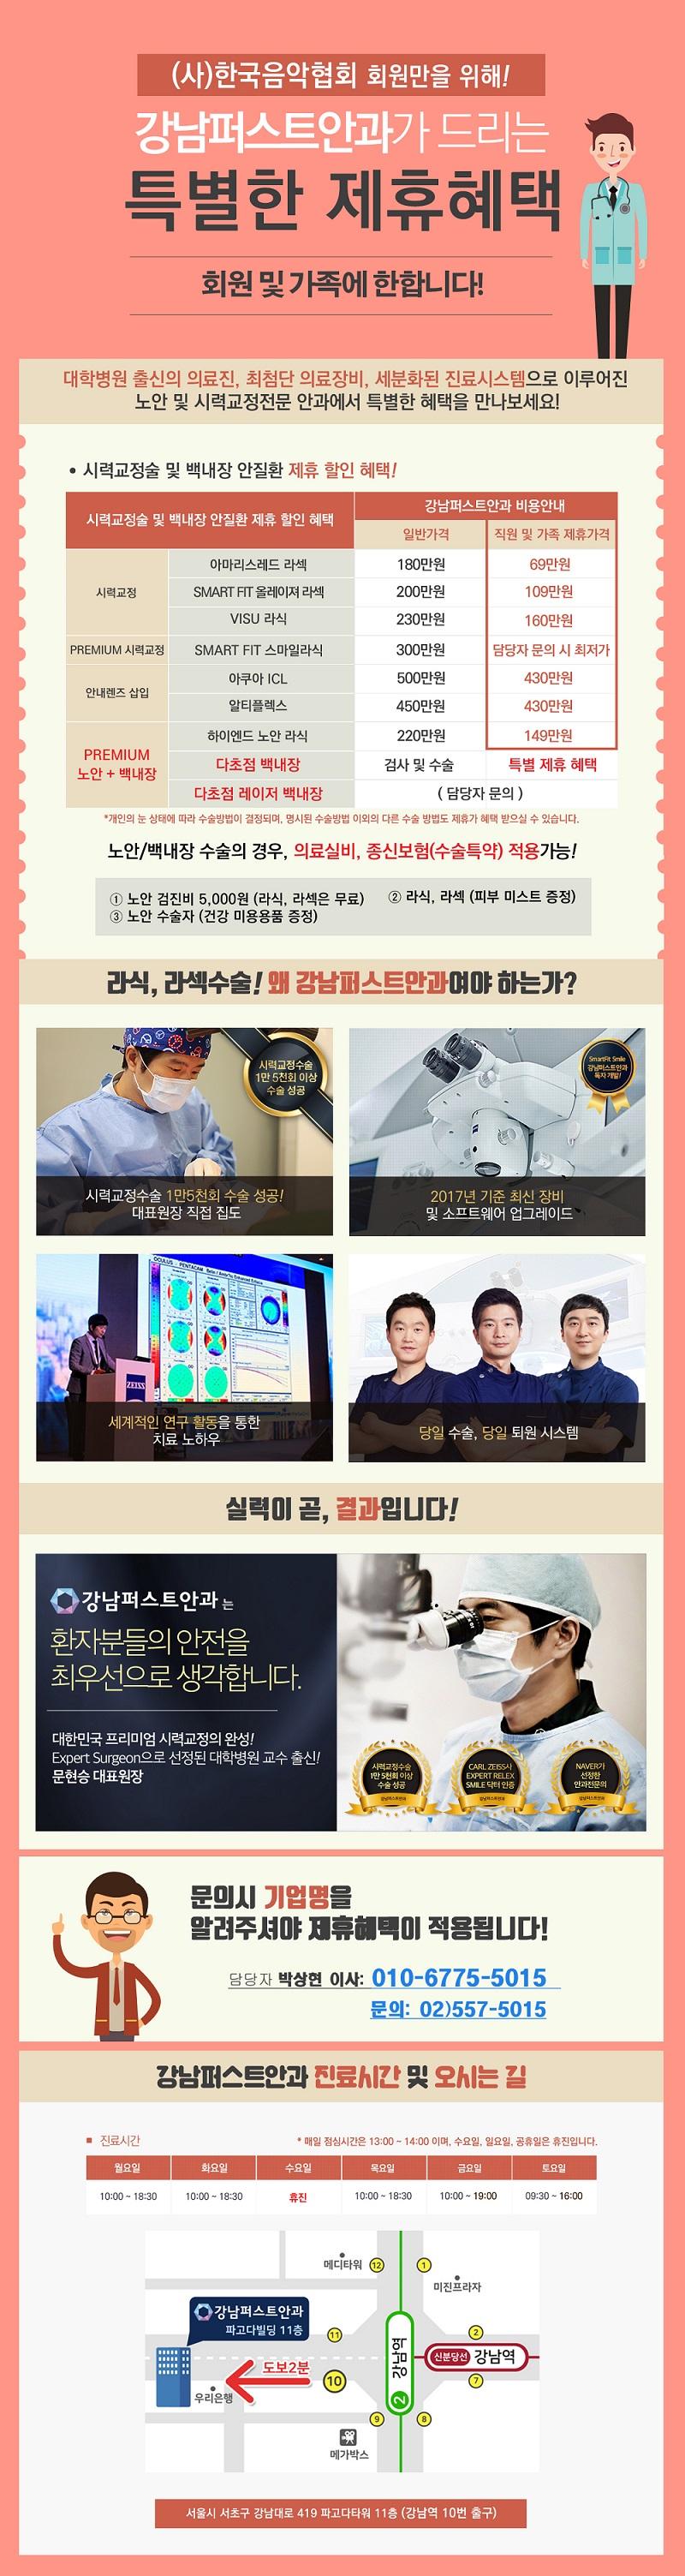 제휴-한국음악협회.JPG